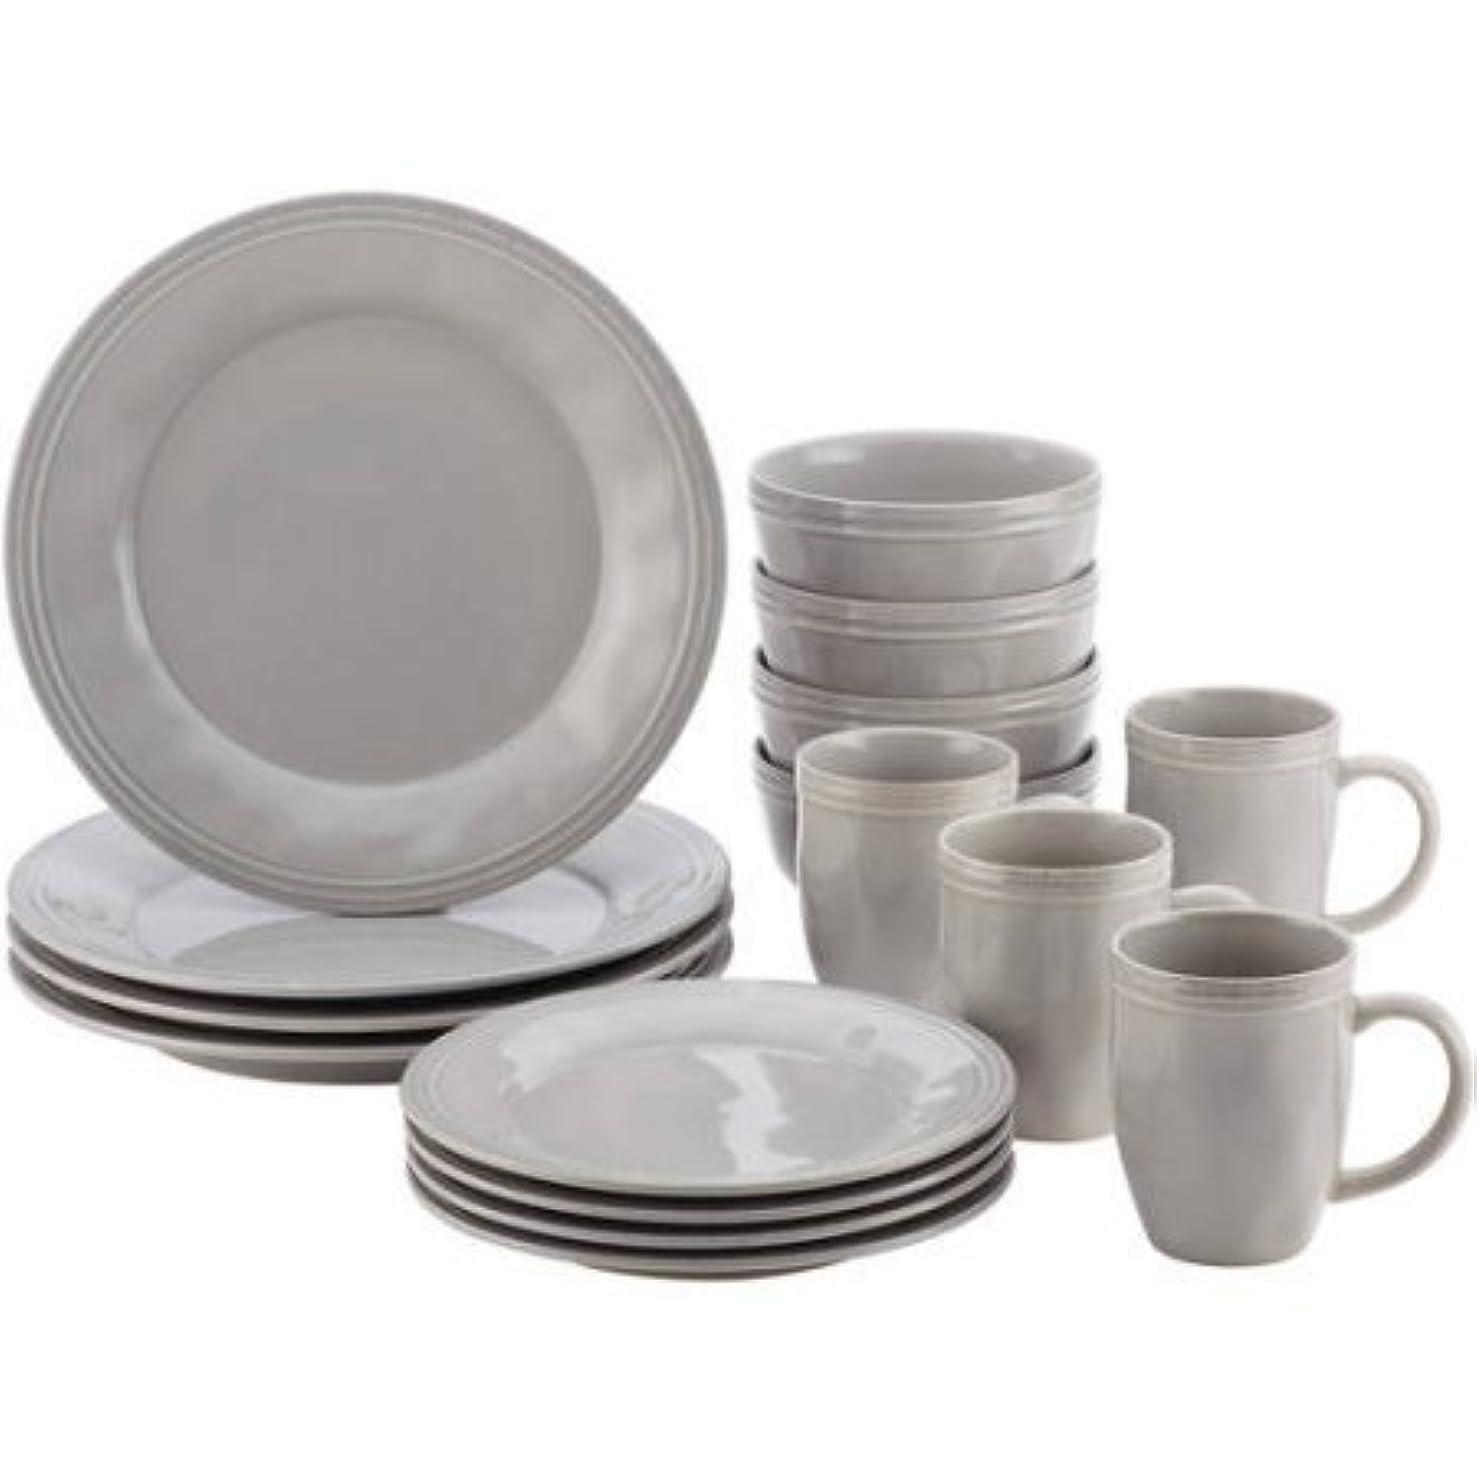 ボルトカテゴリー信頼性Rachael Ray Cucina食器類16?Stonewareディナー食器セット グレー